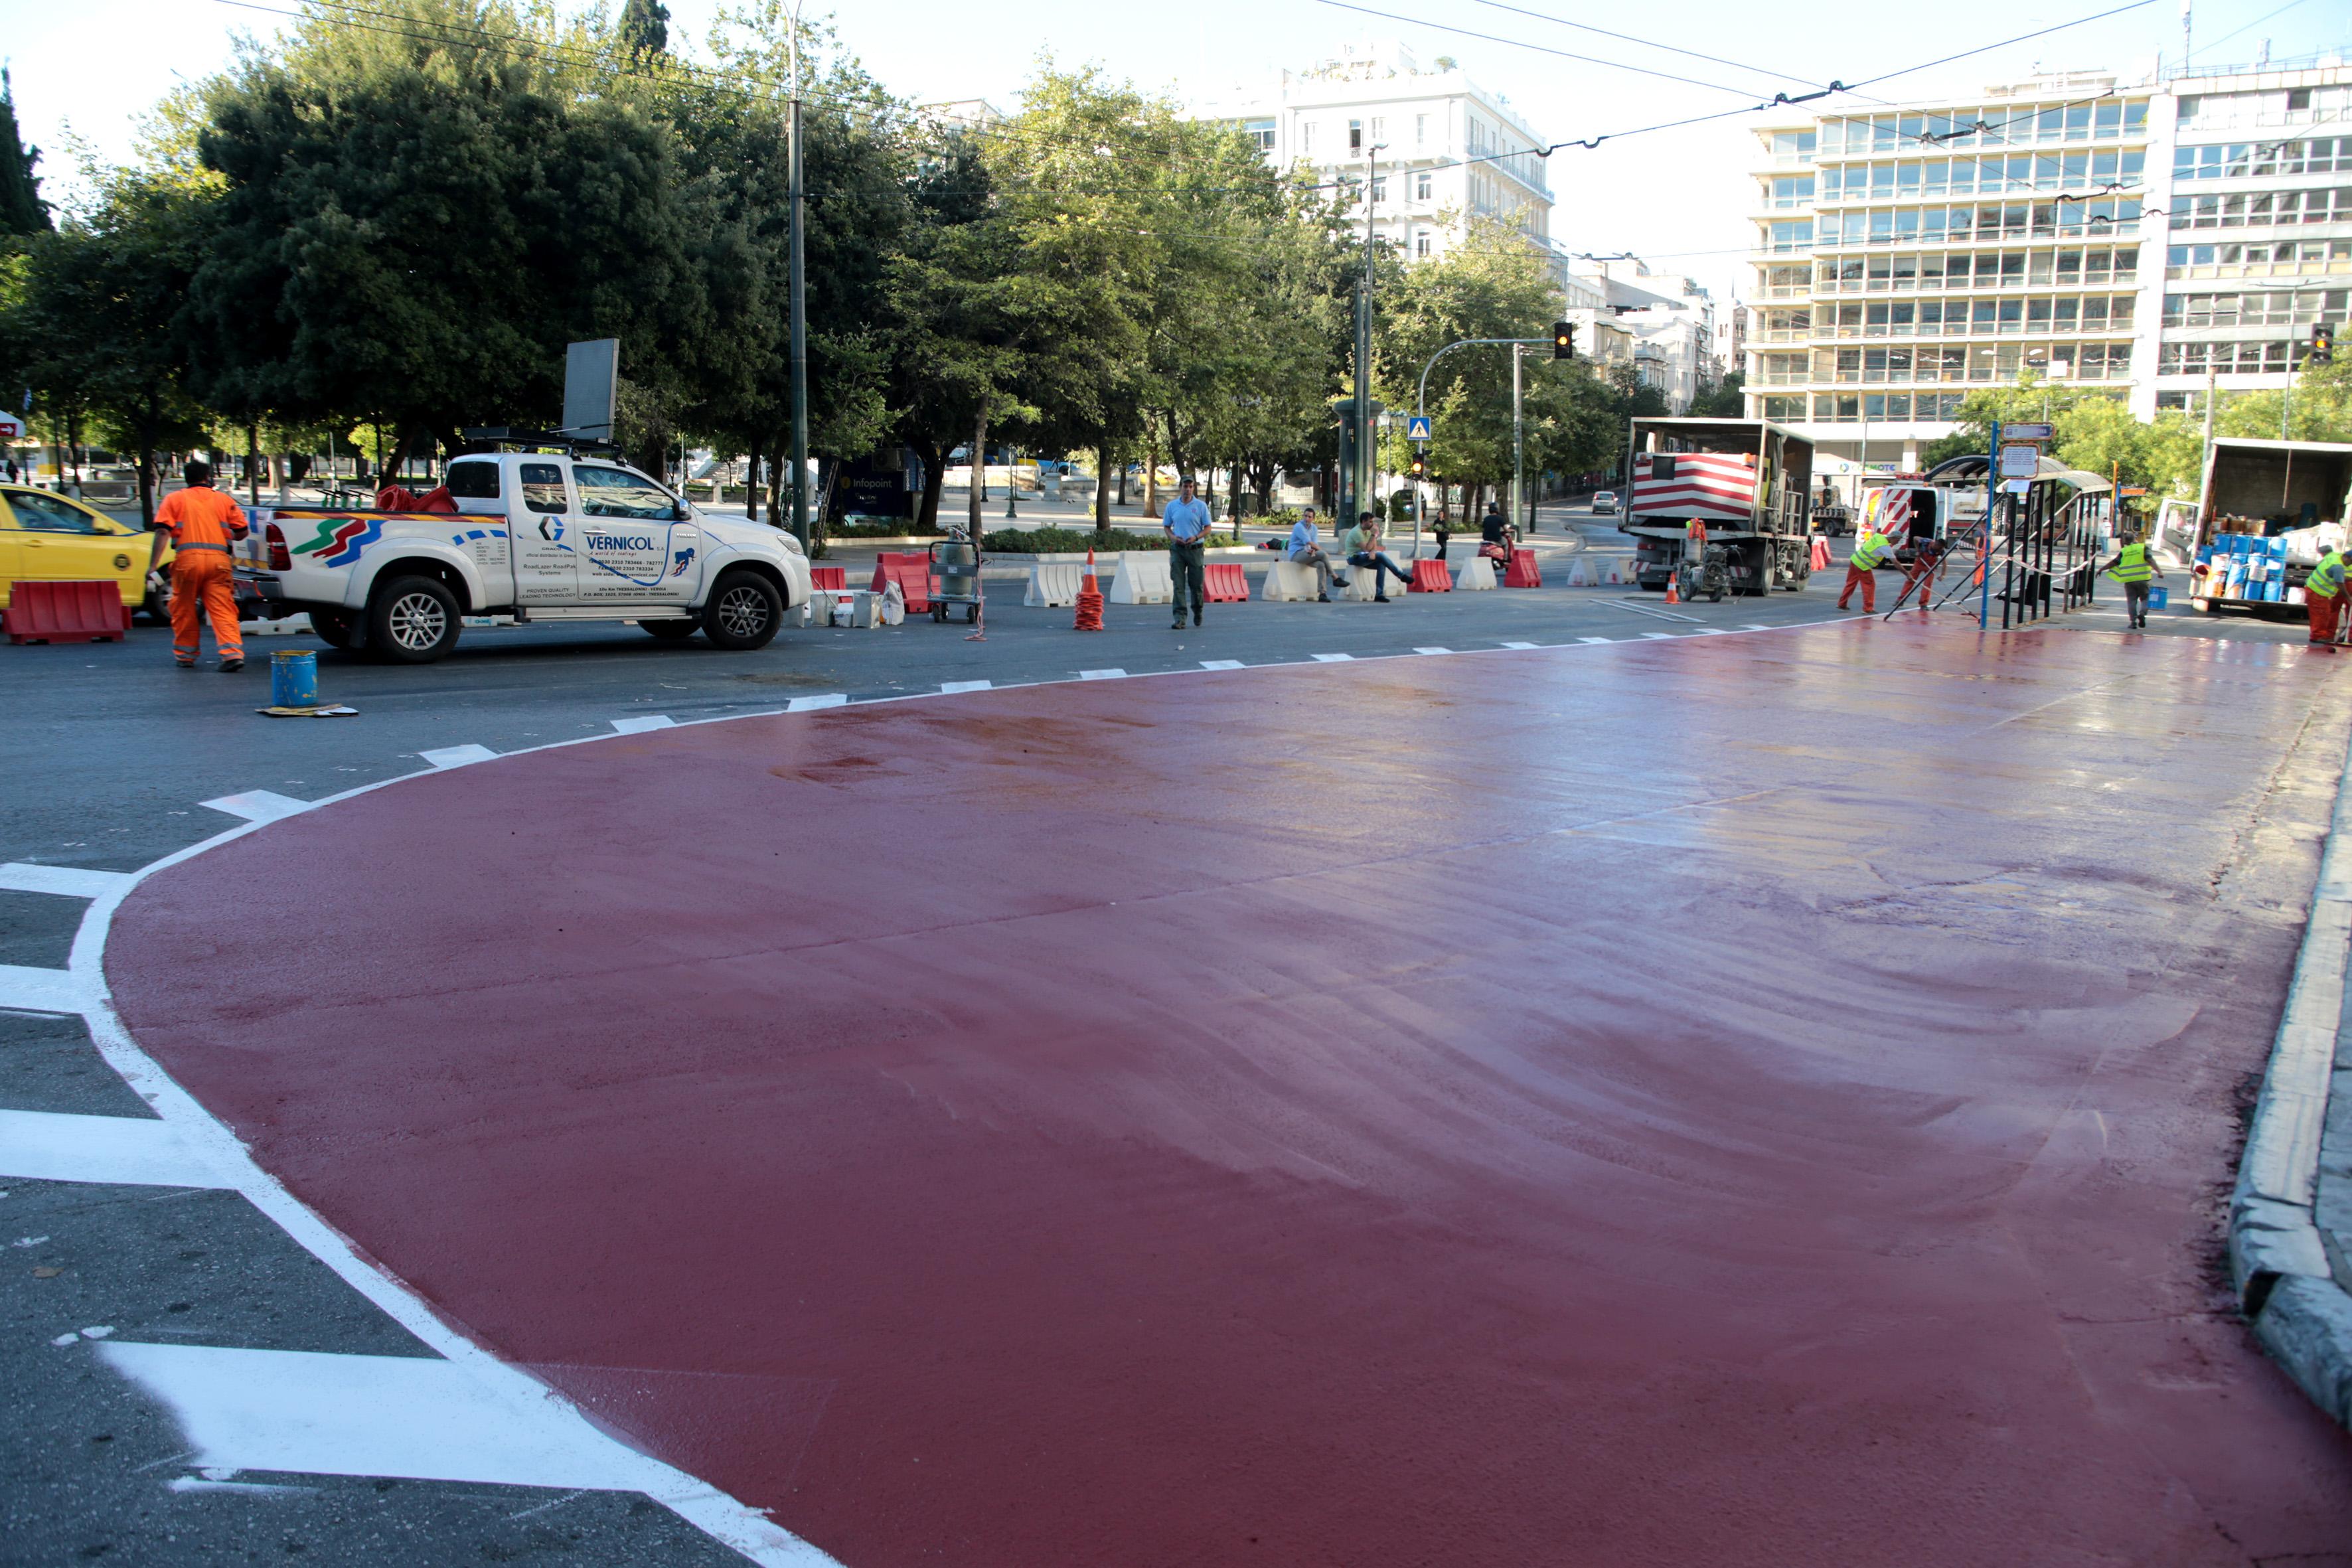 entatikes-ergasies-sto-syntagma-gia-ton-megalo-peripato0